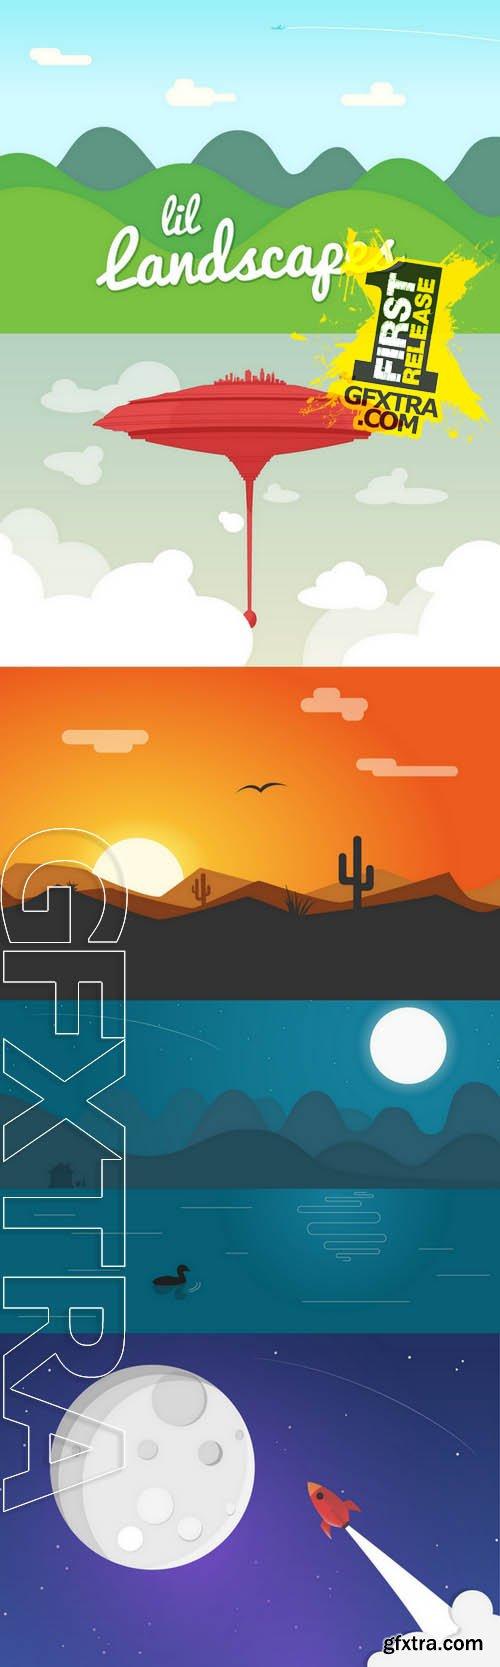 Lil Landscapes - Creativemarket 5766